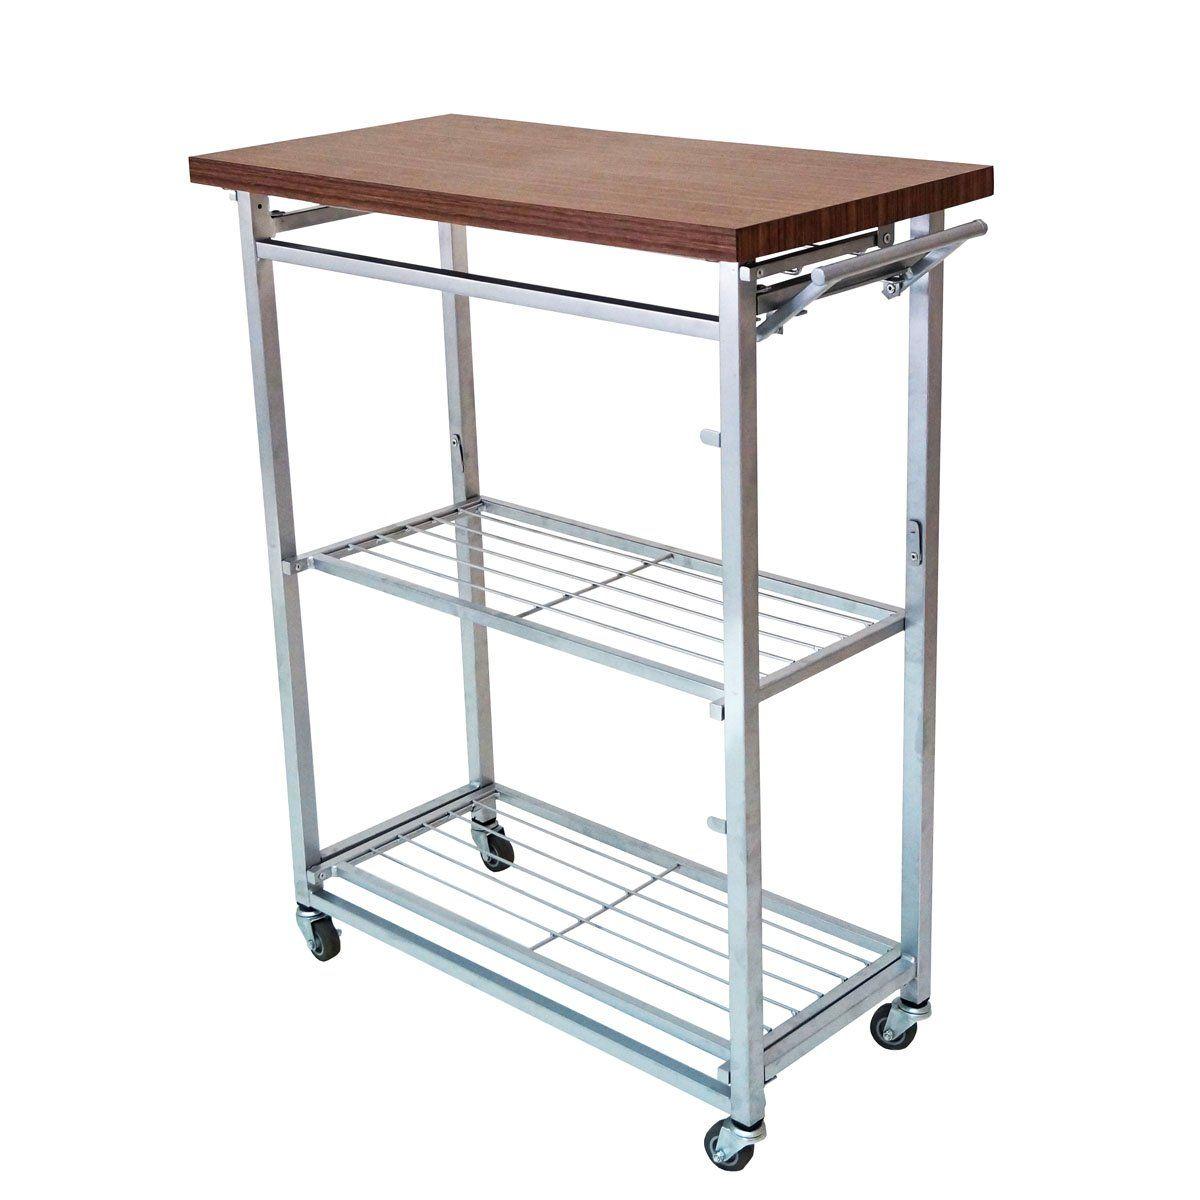 Organizador Plegable Para Cocina Ivalo Sears Com Mx Me  # Muebles Sears Monterrey